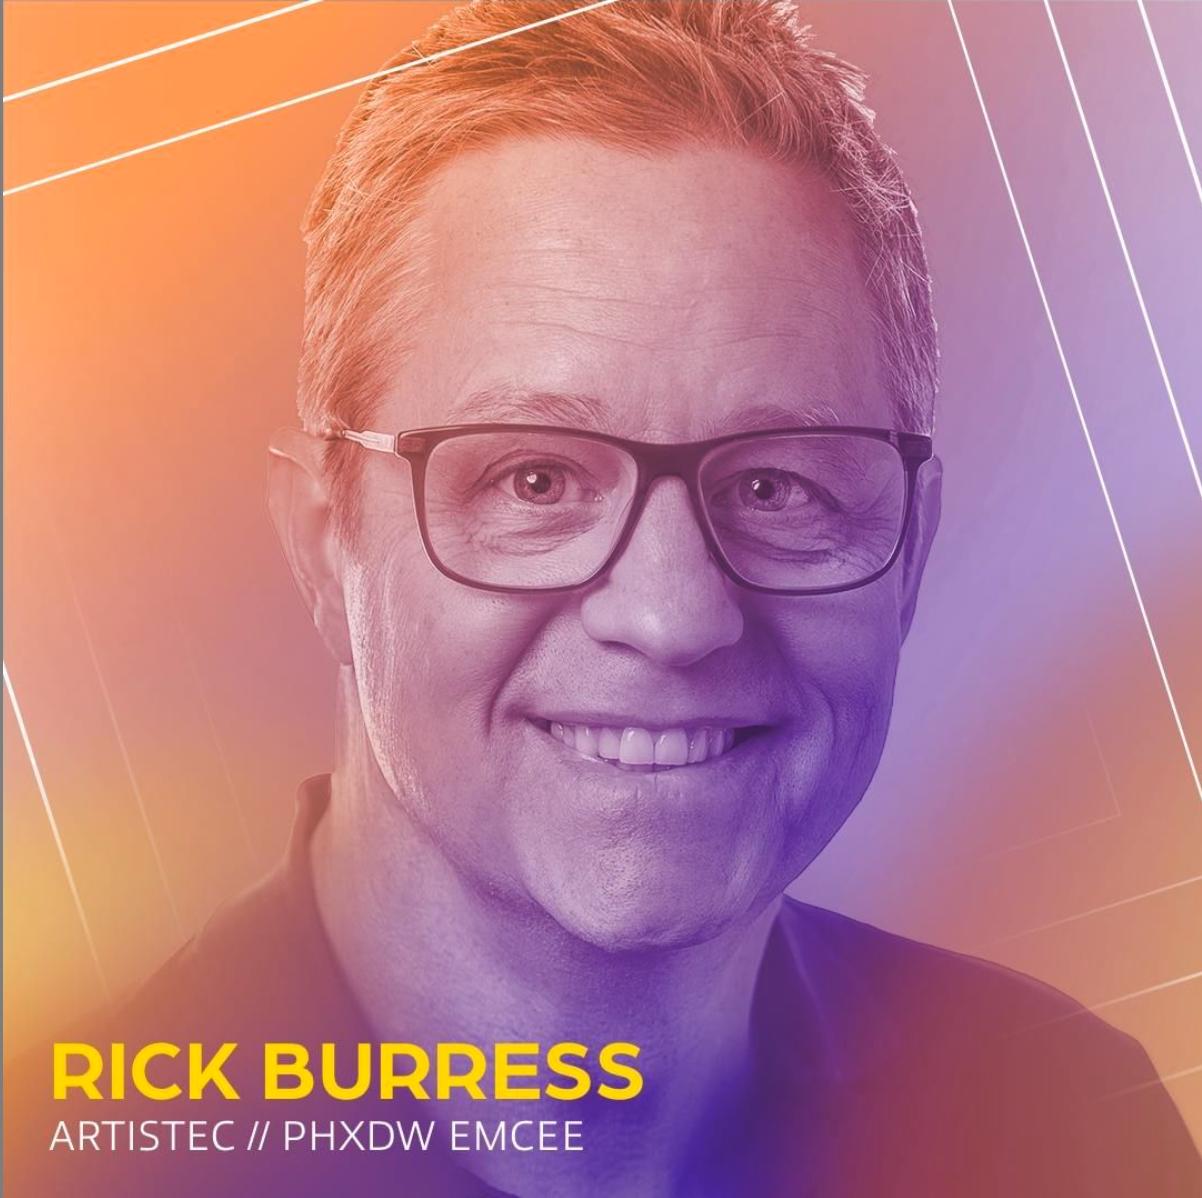 rickburress